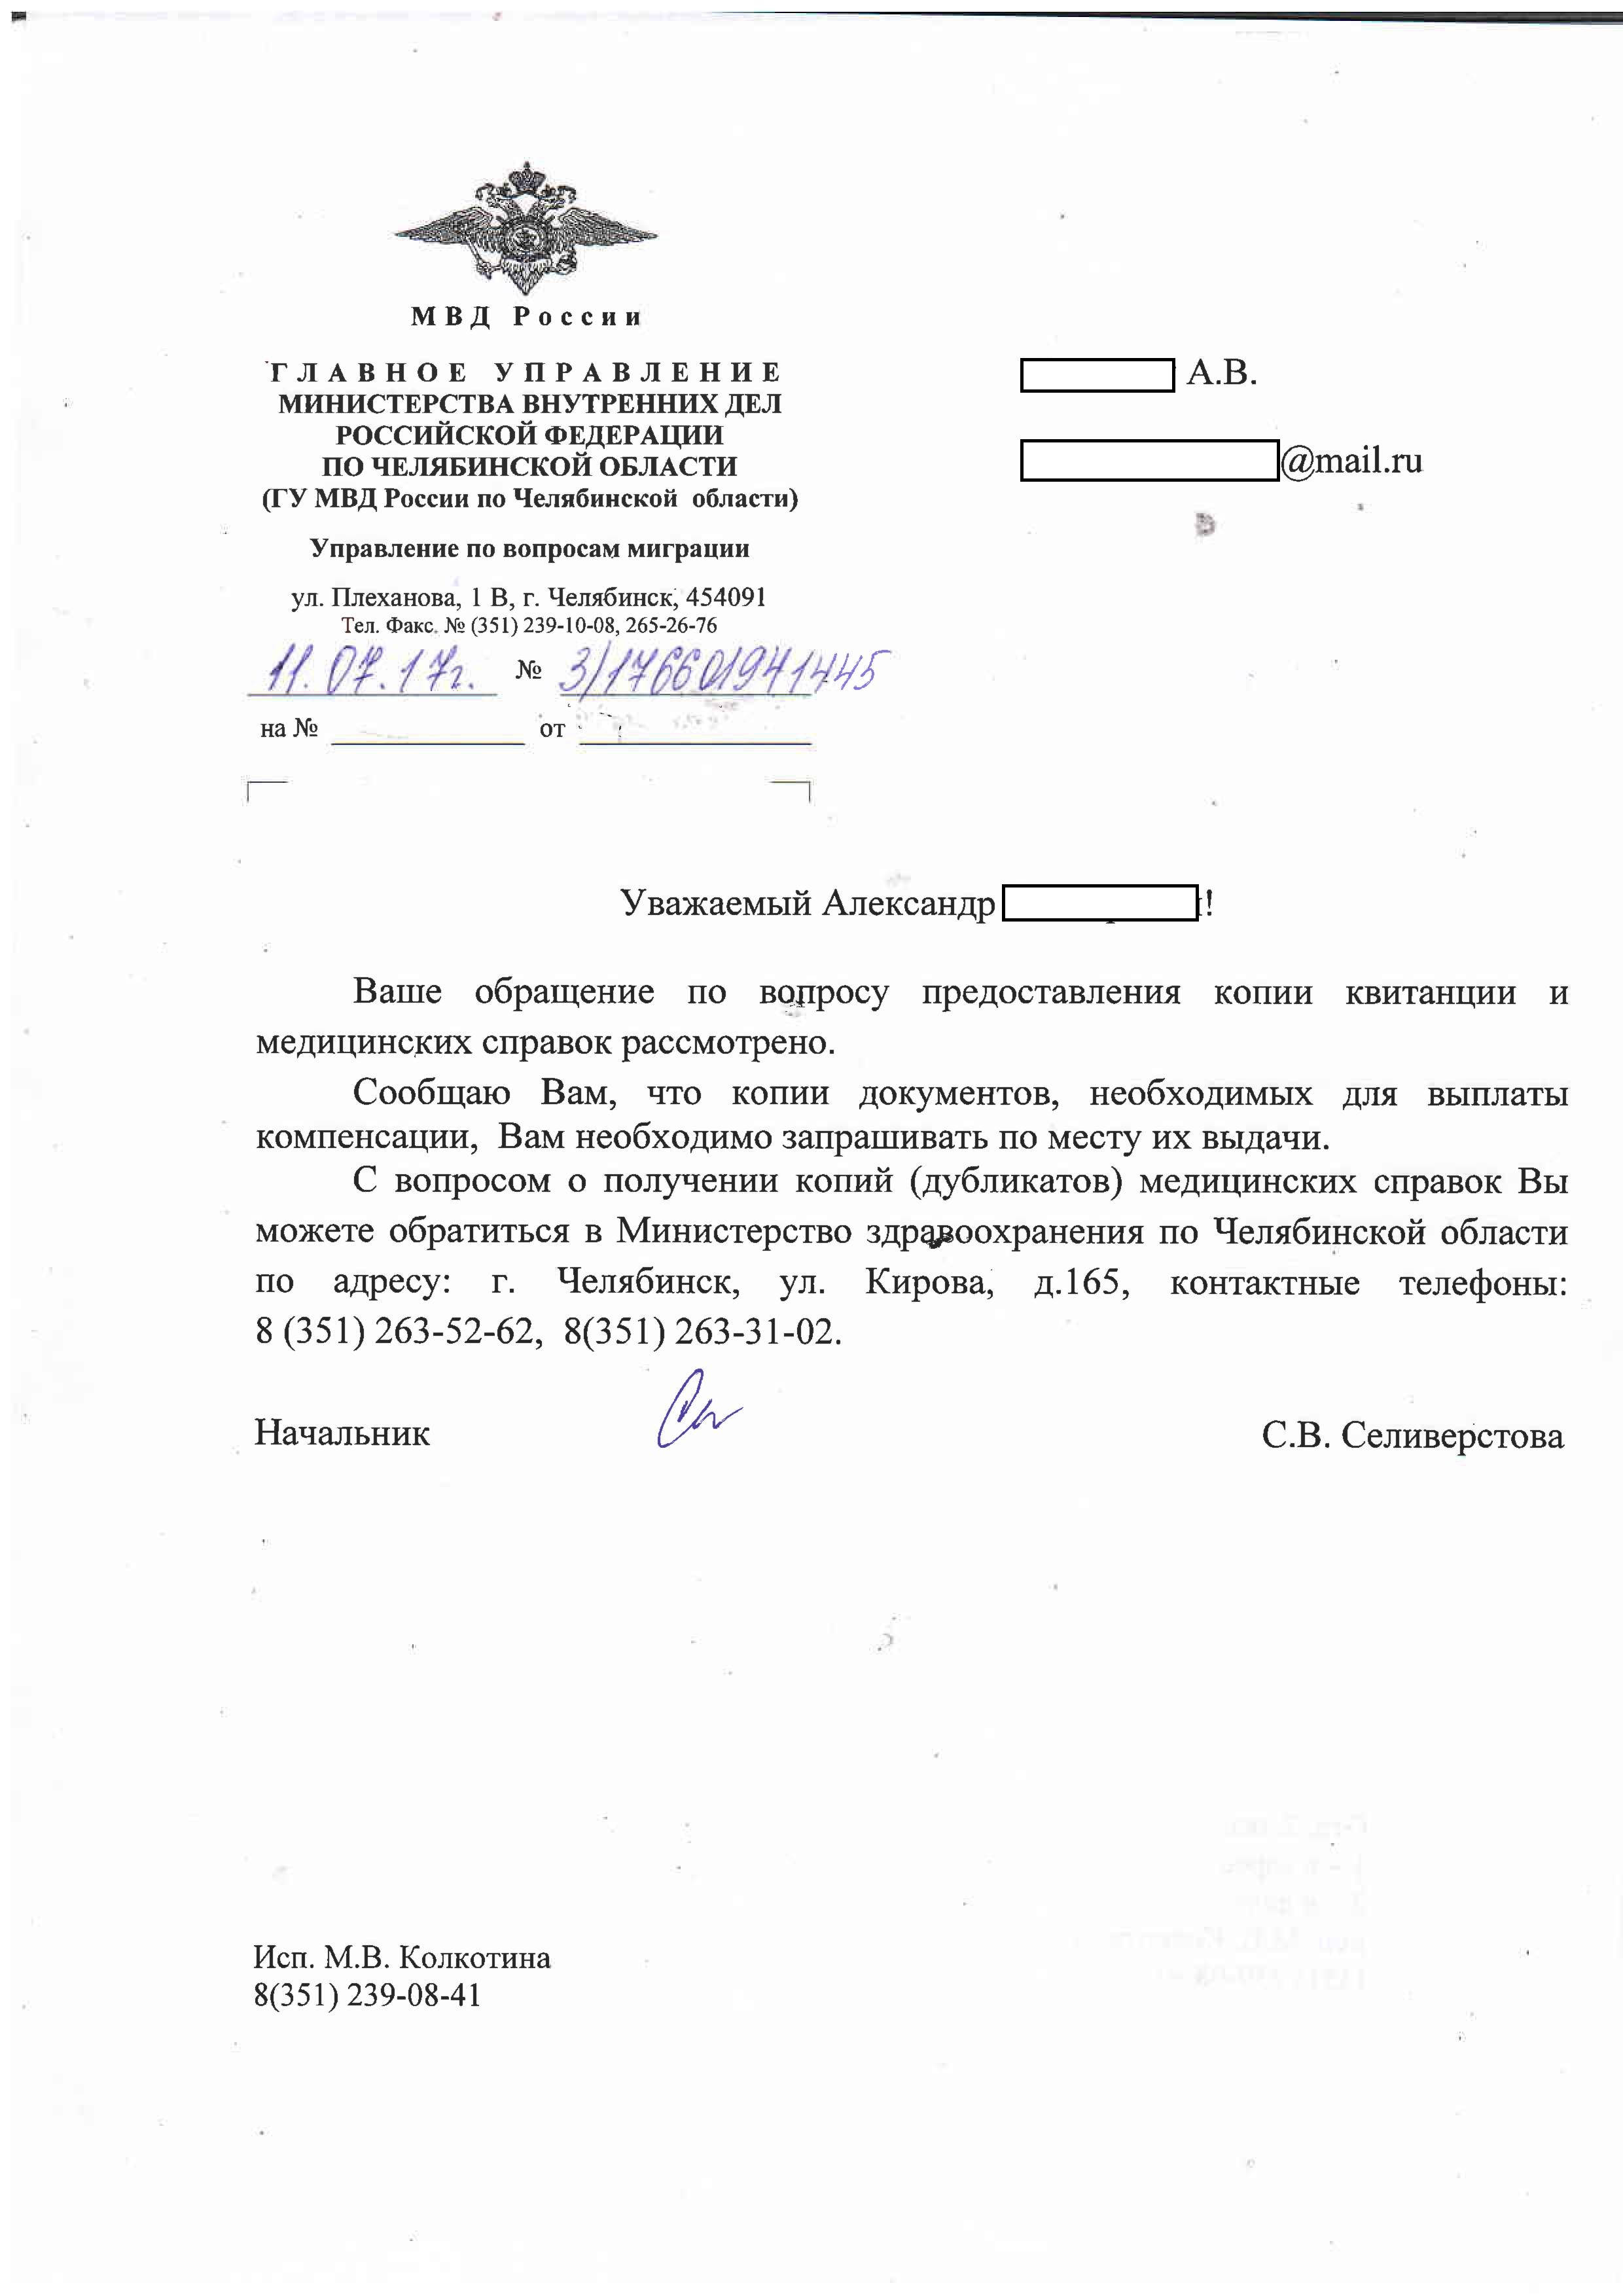 Компенсация соотечественникам челябинск срок проживания на территории